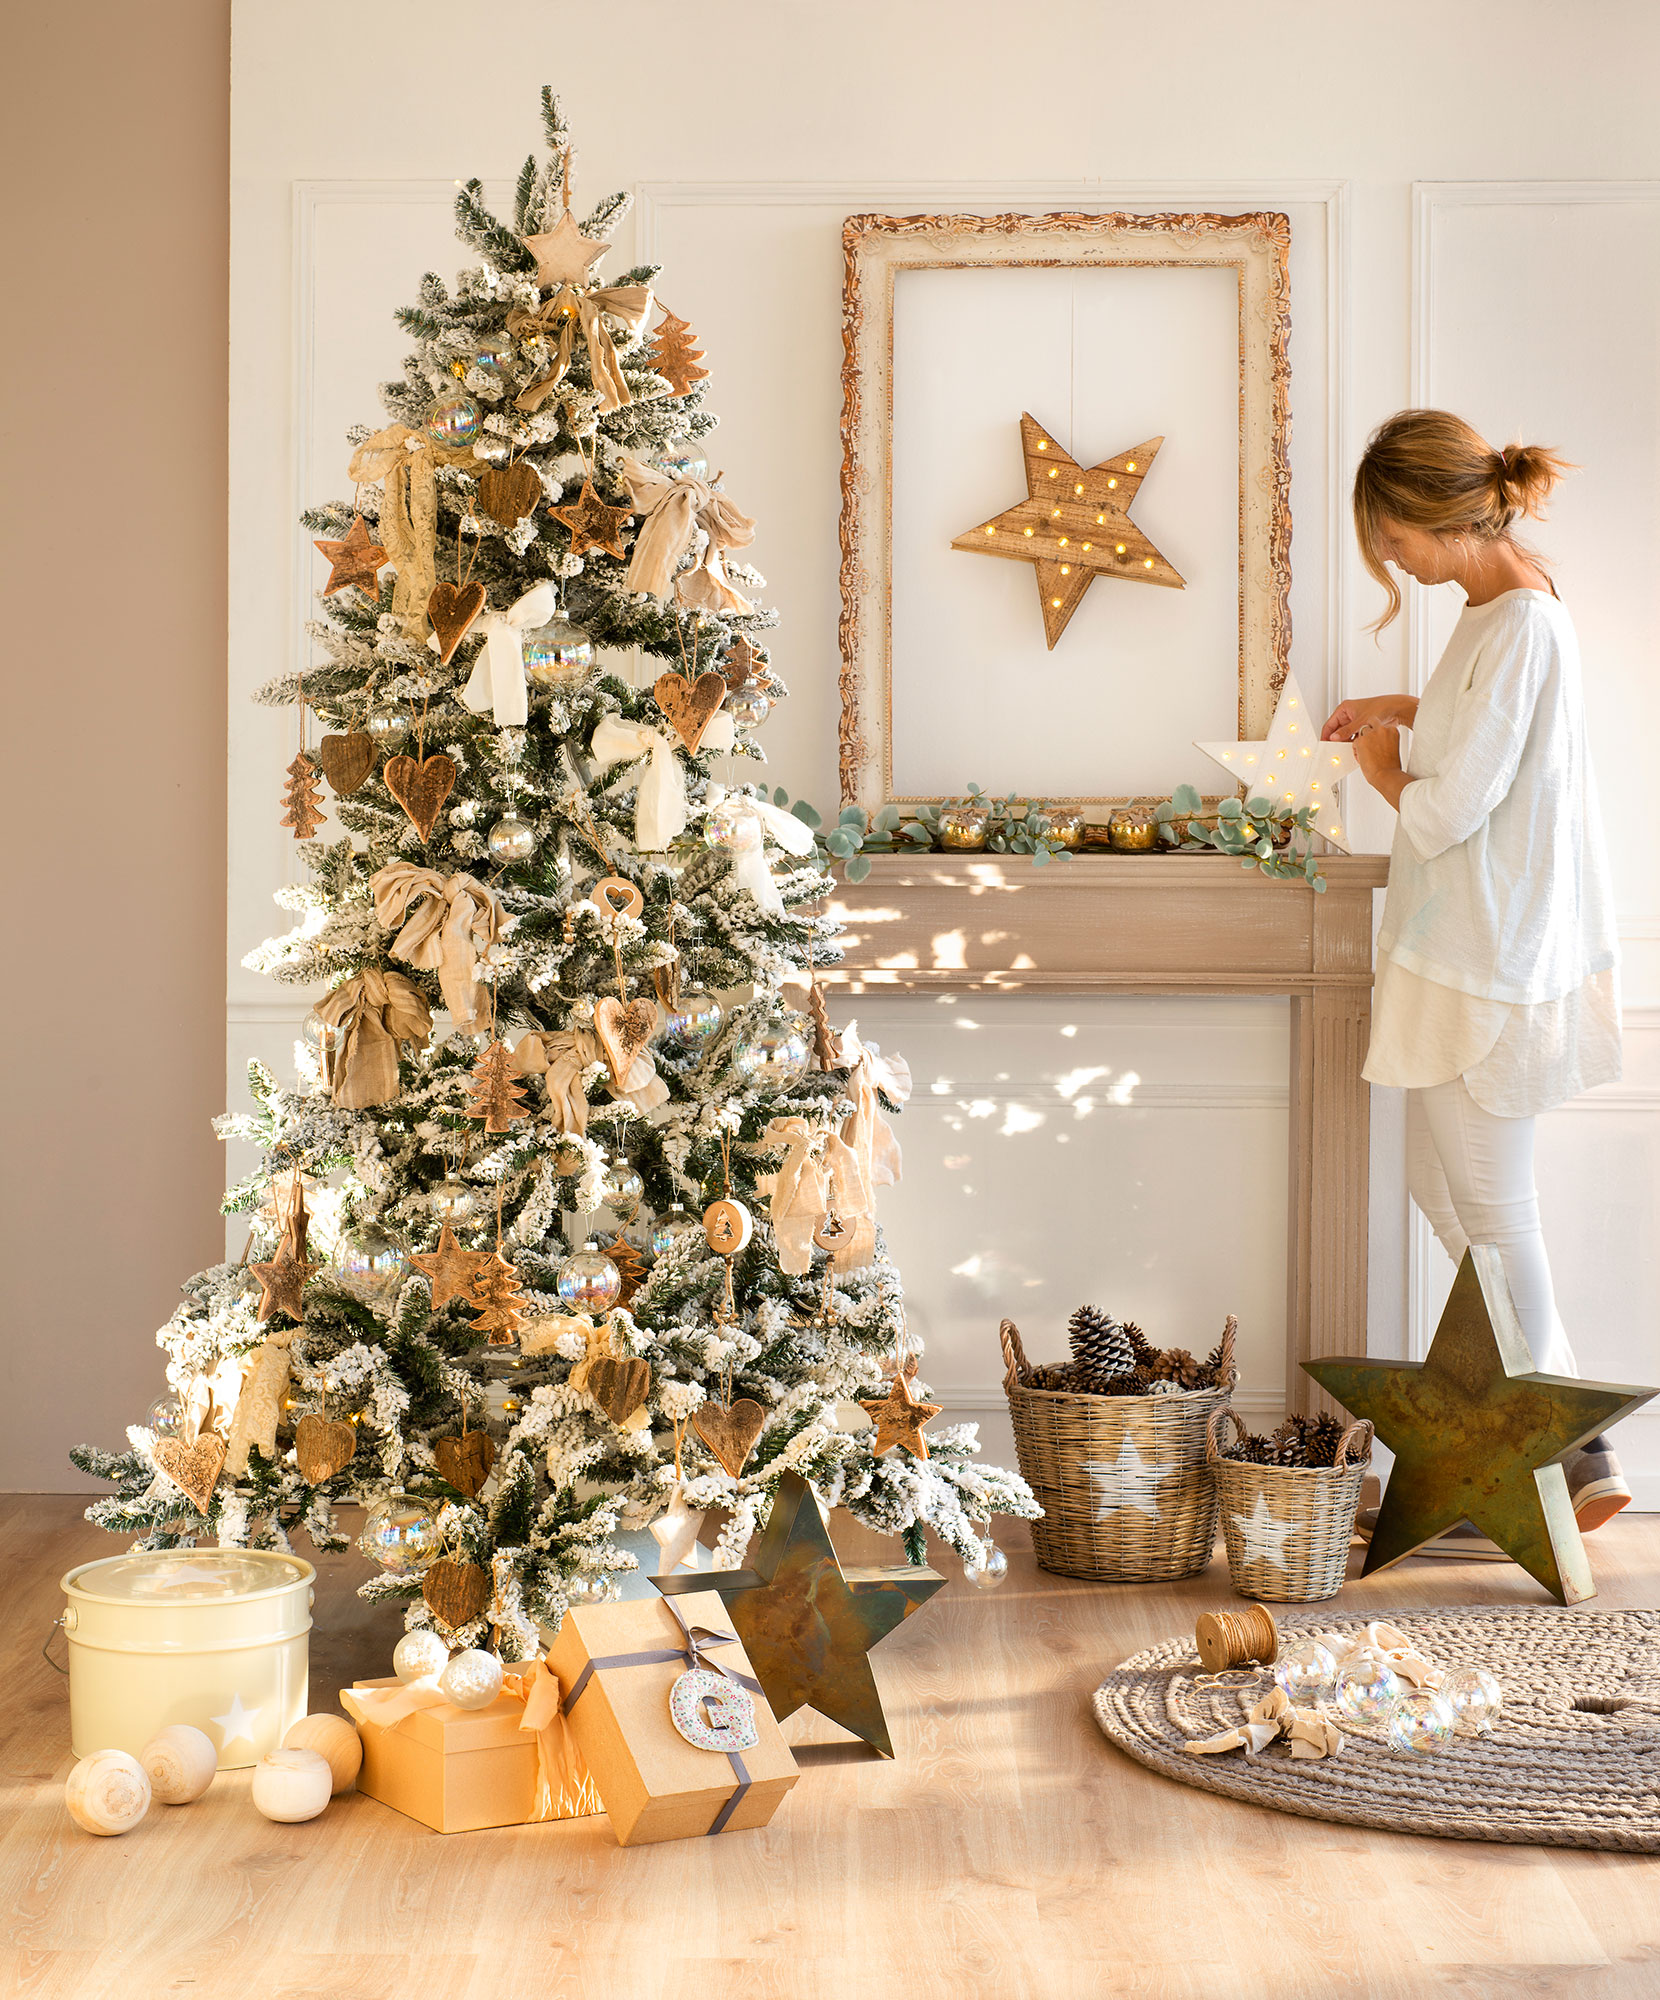 Ideas para decorar el rbol de navidad 3 rboles 3 estilos for Como hacer un arbol de navidad original